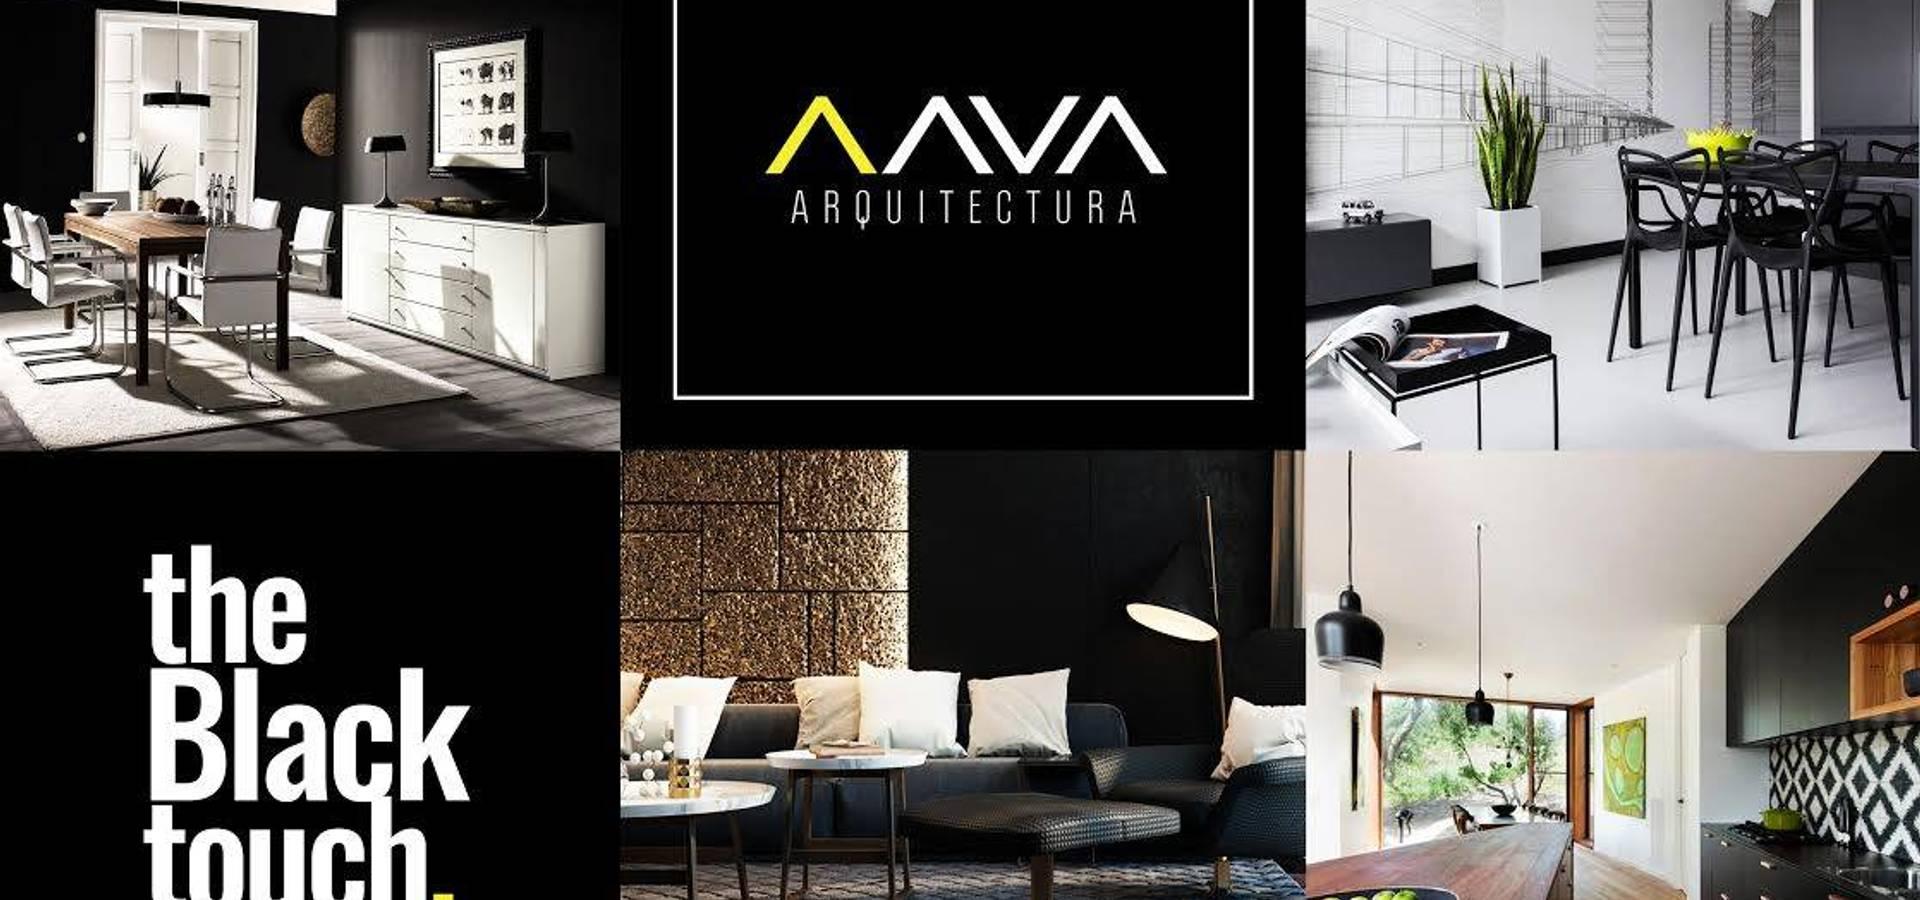 AAVA Arquitectura